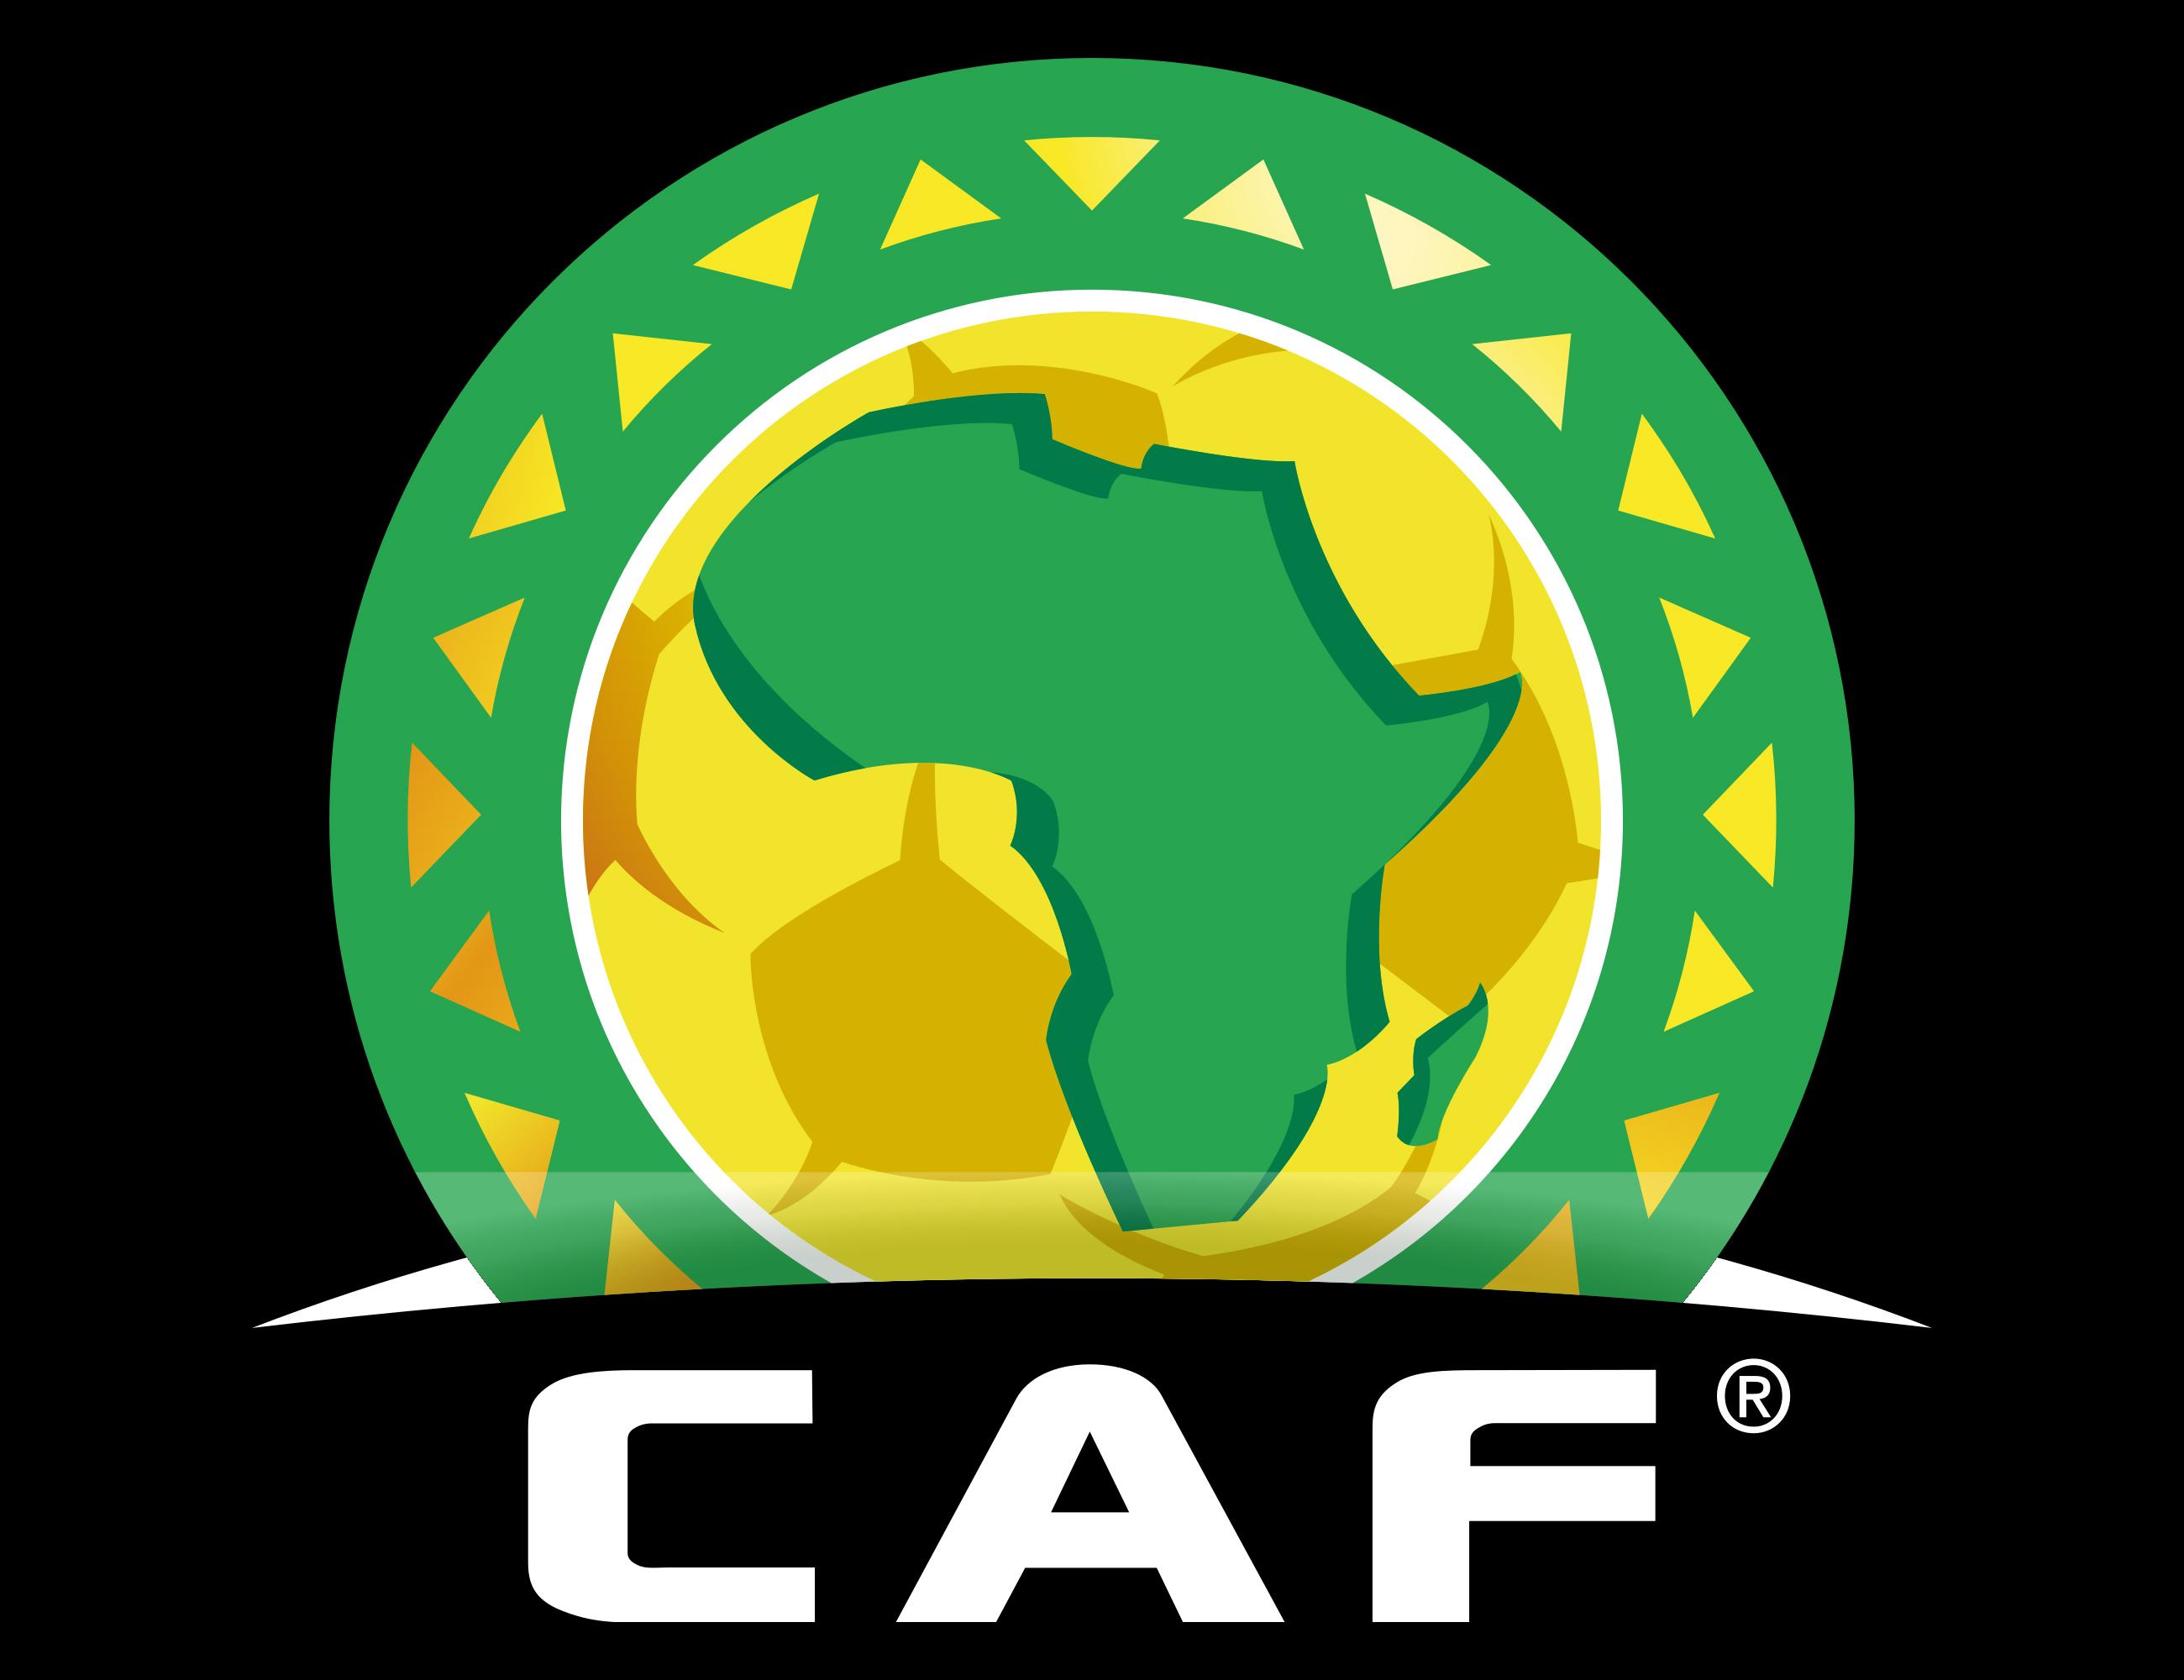 الكاف تحدد غدا مصير المنافسات الإفريقية